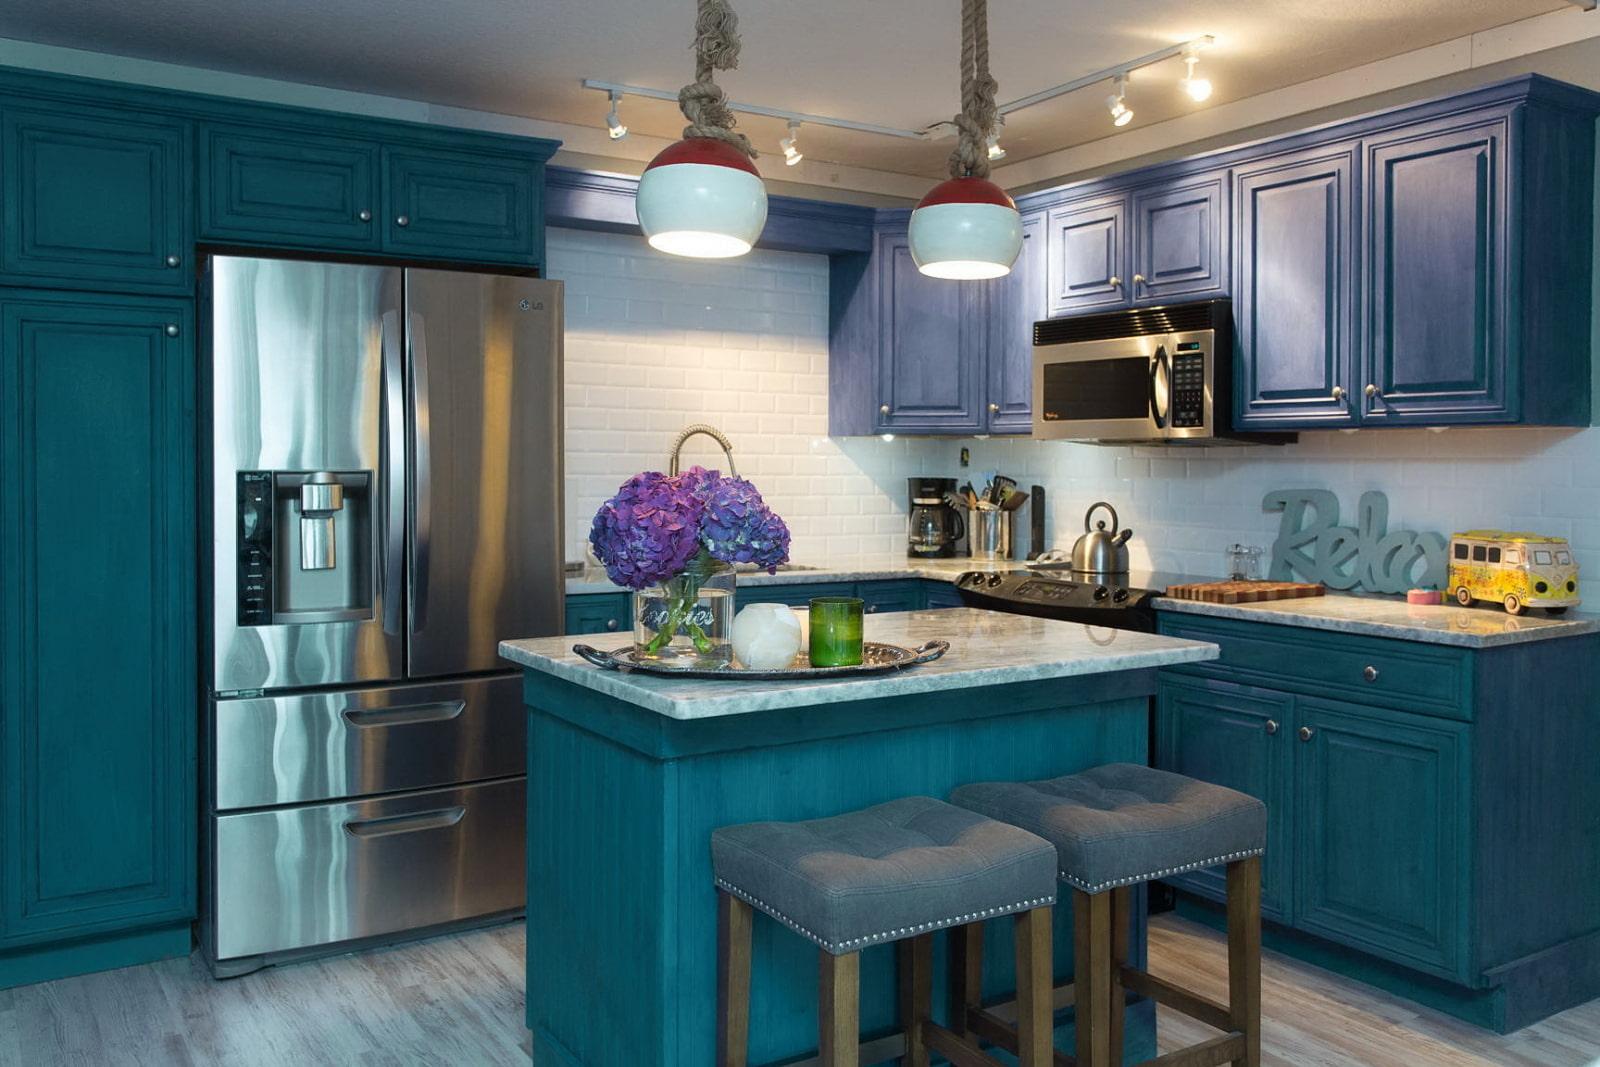 должно дизайн кухни в синем цвете фото пятках часто